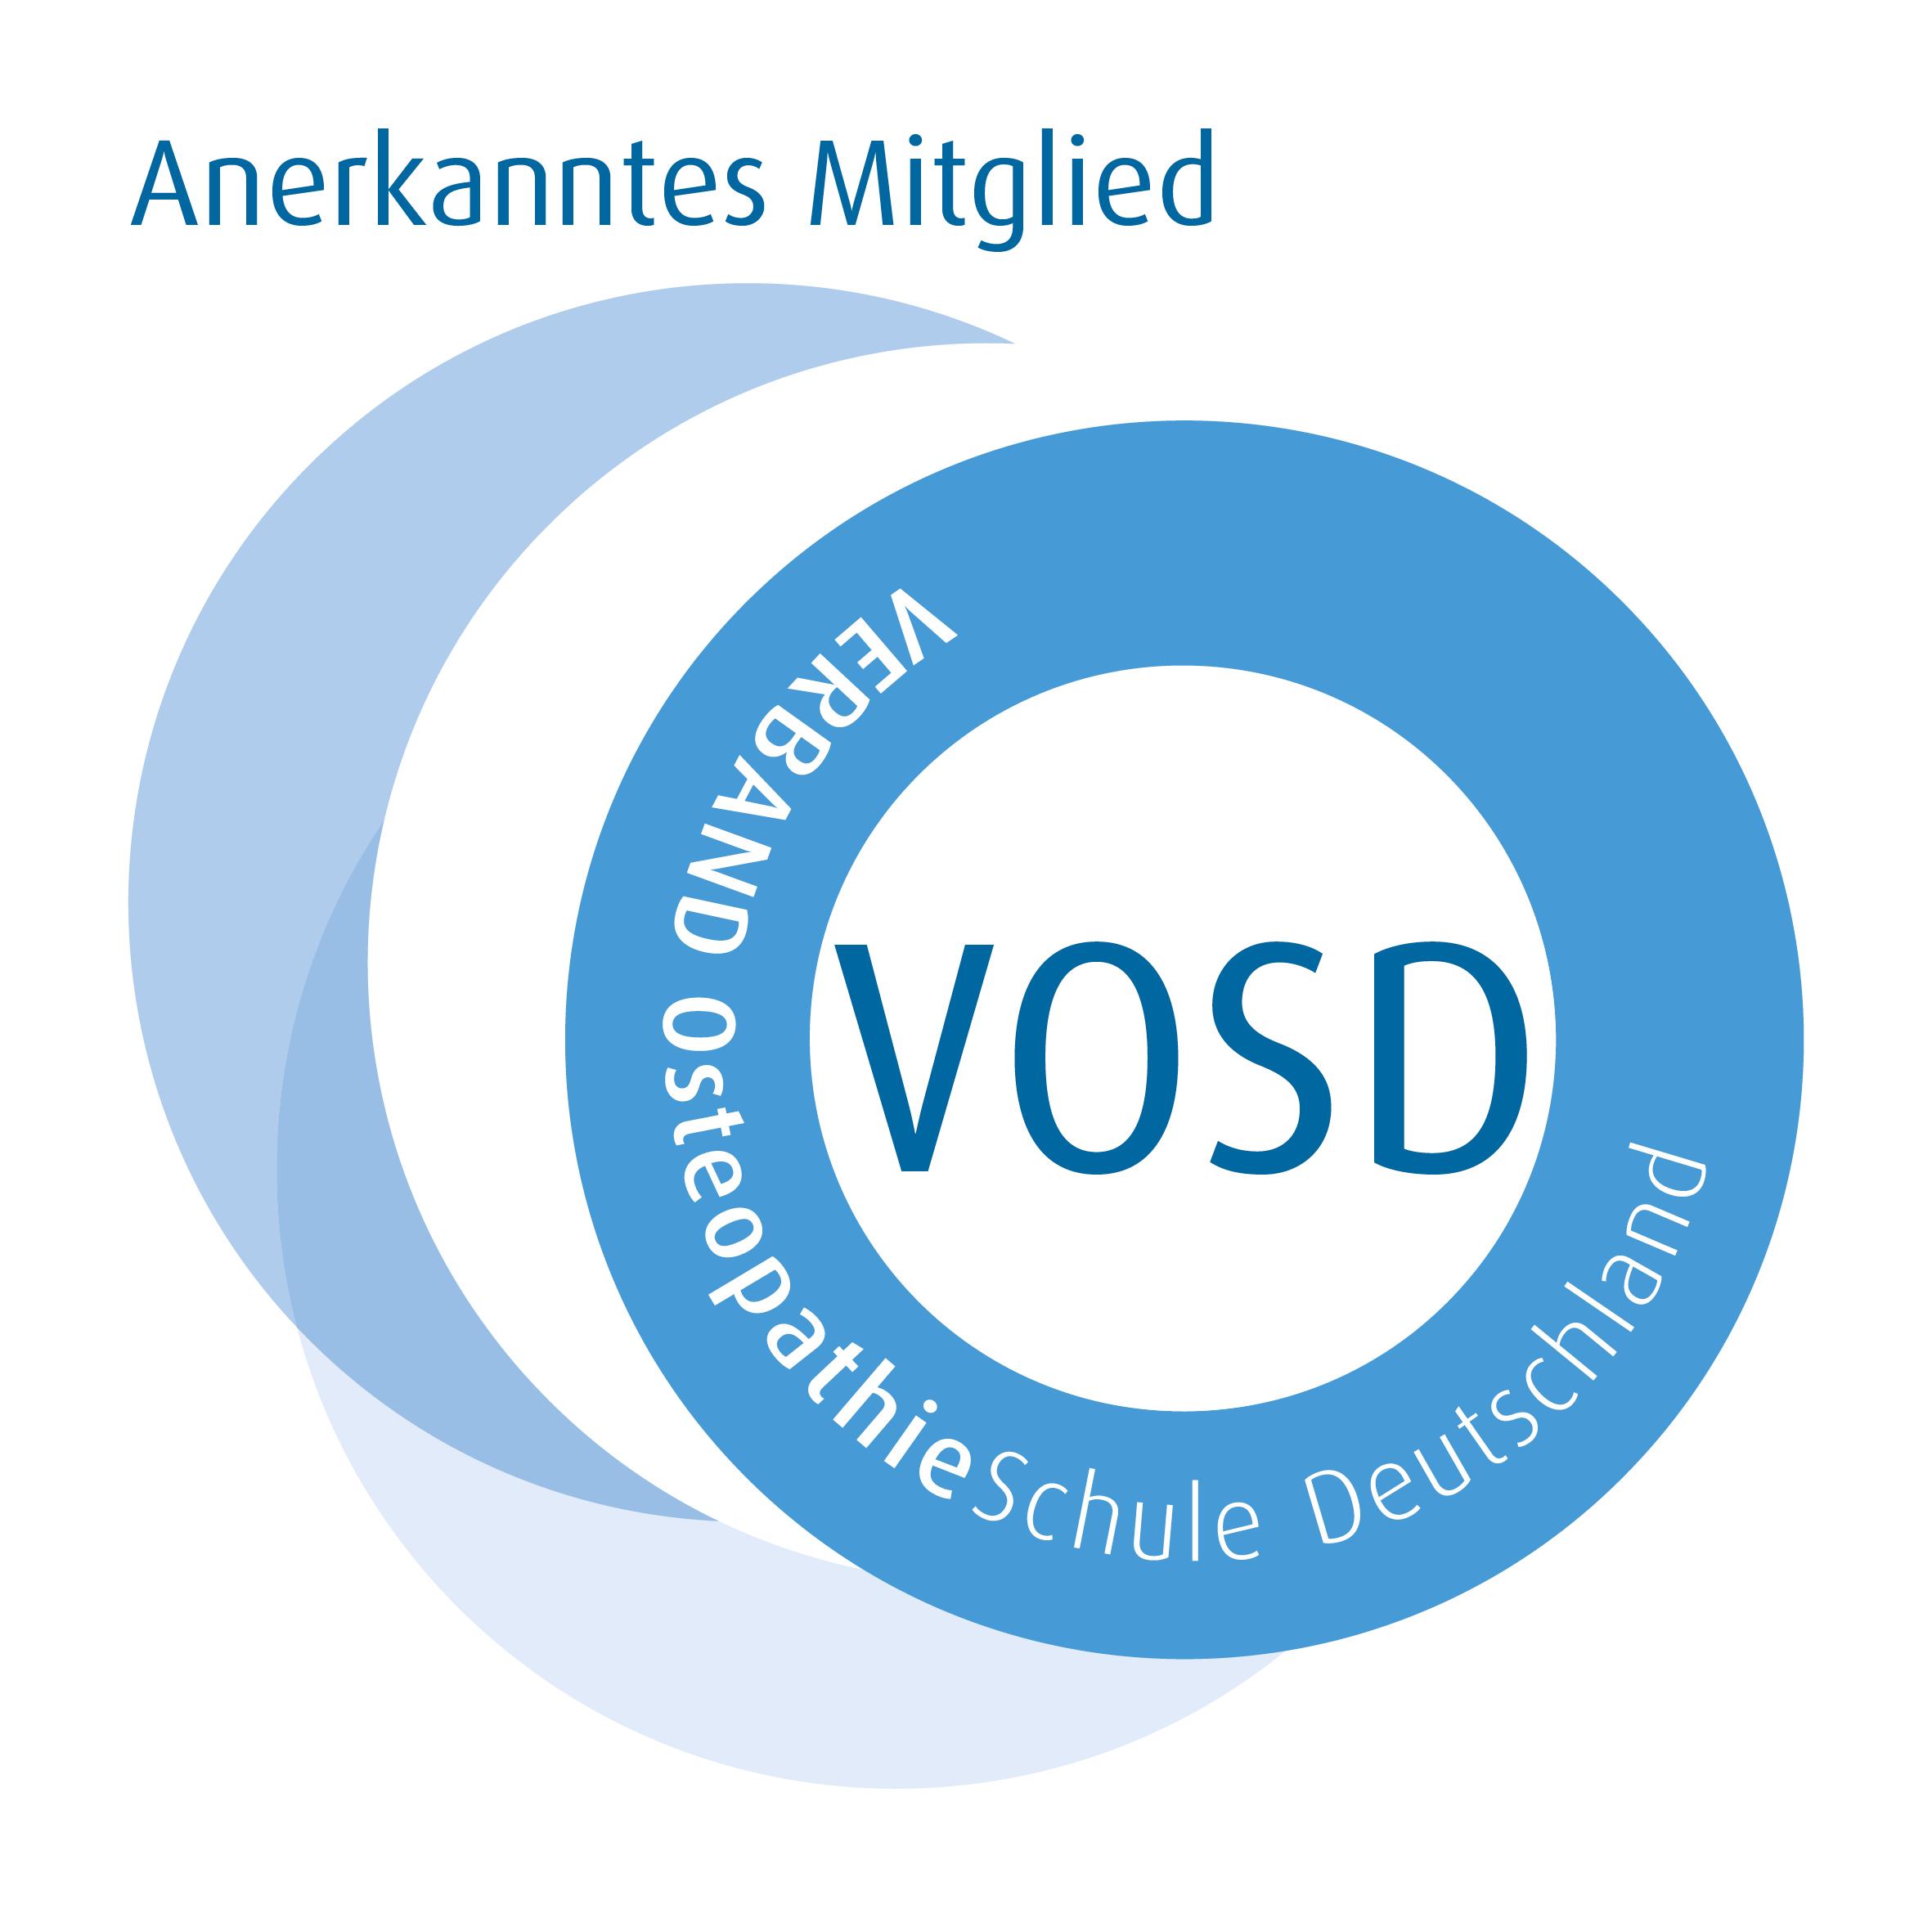 Verband der Osteopathie Schule Deutschland (VOSD) -